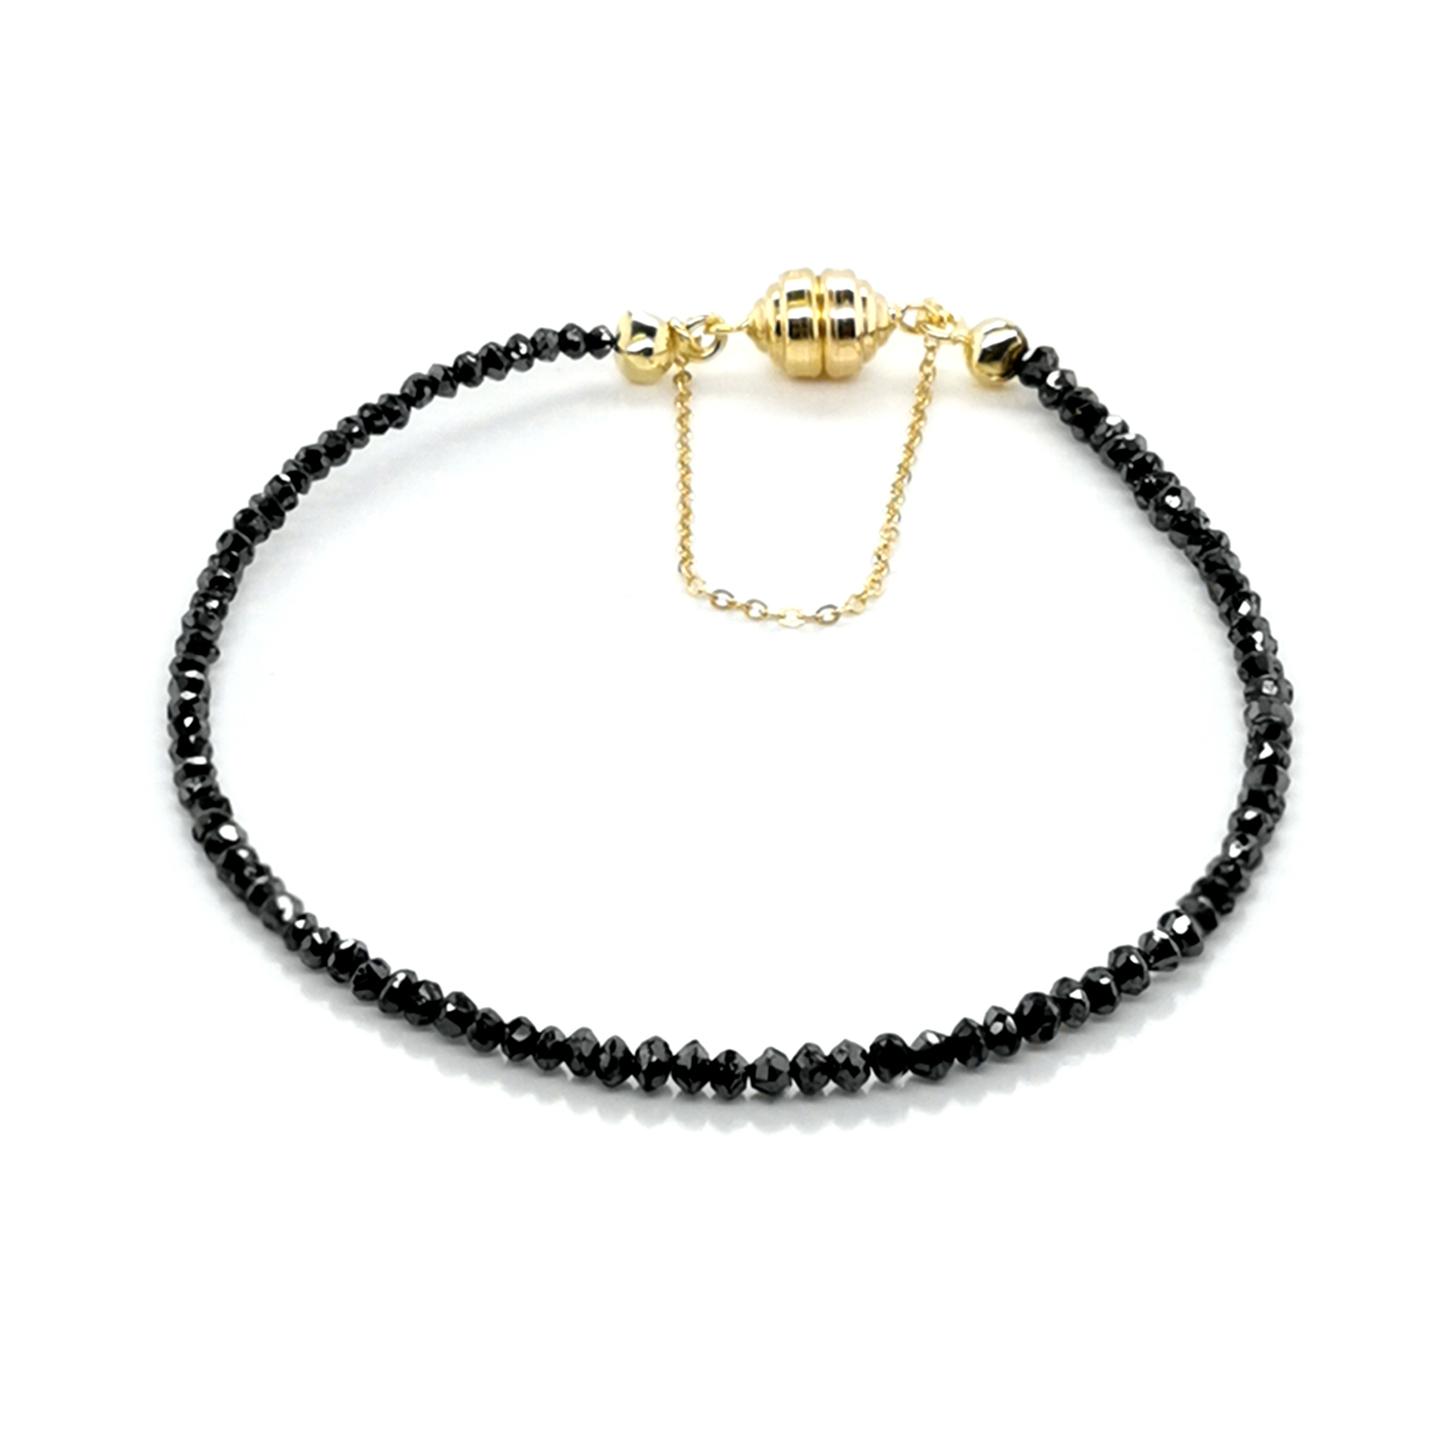 Armband mit Diamant schwarz beh., ca. 9 ct Edelstein echt, facettiert mit Magnetschließe Carat 3000 in 585 Gelbgold, Sogni d´oro Facettenreich